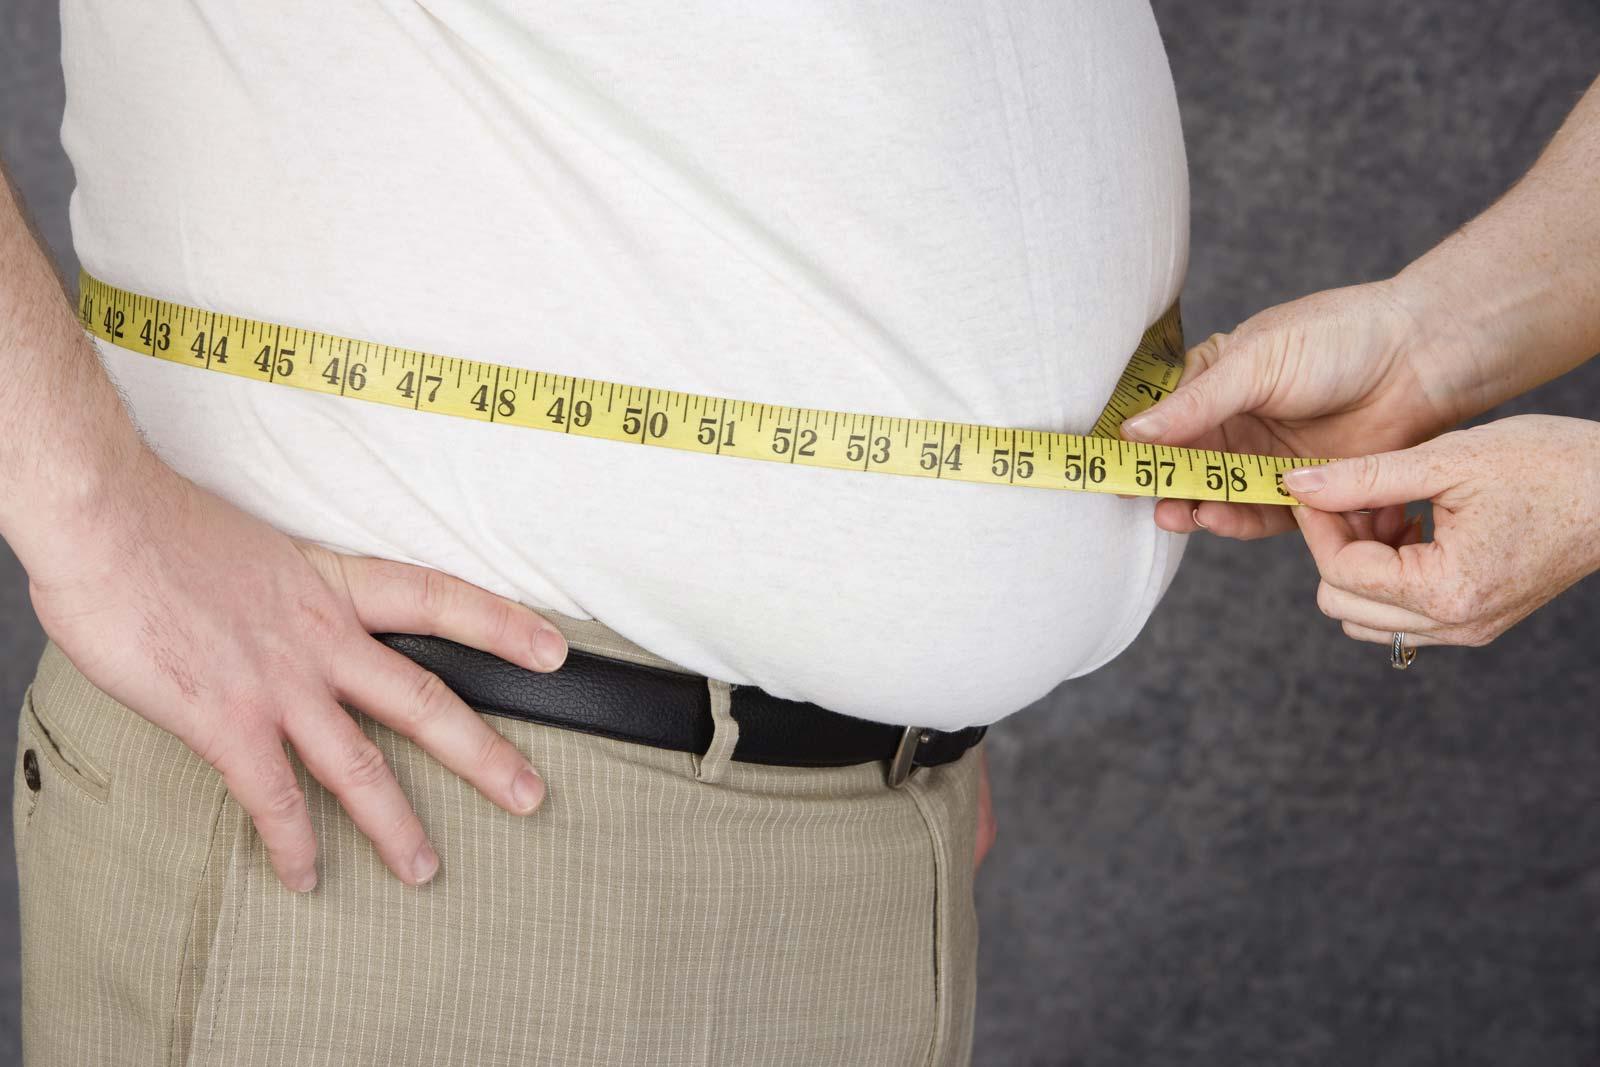 امیدی تازه برای درمان چاقی: FDA آمریکا یک داروی جدید کاهش وزن را تایید کرد